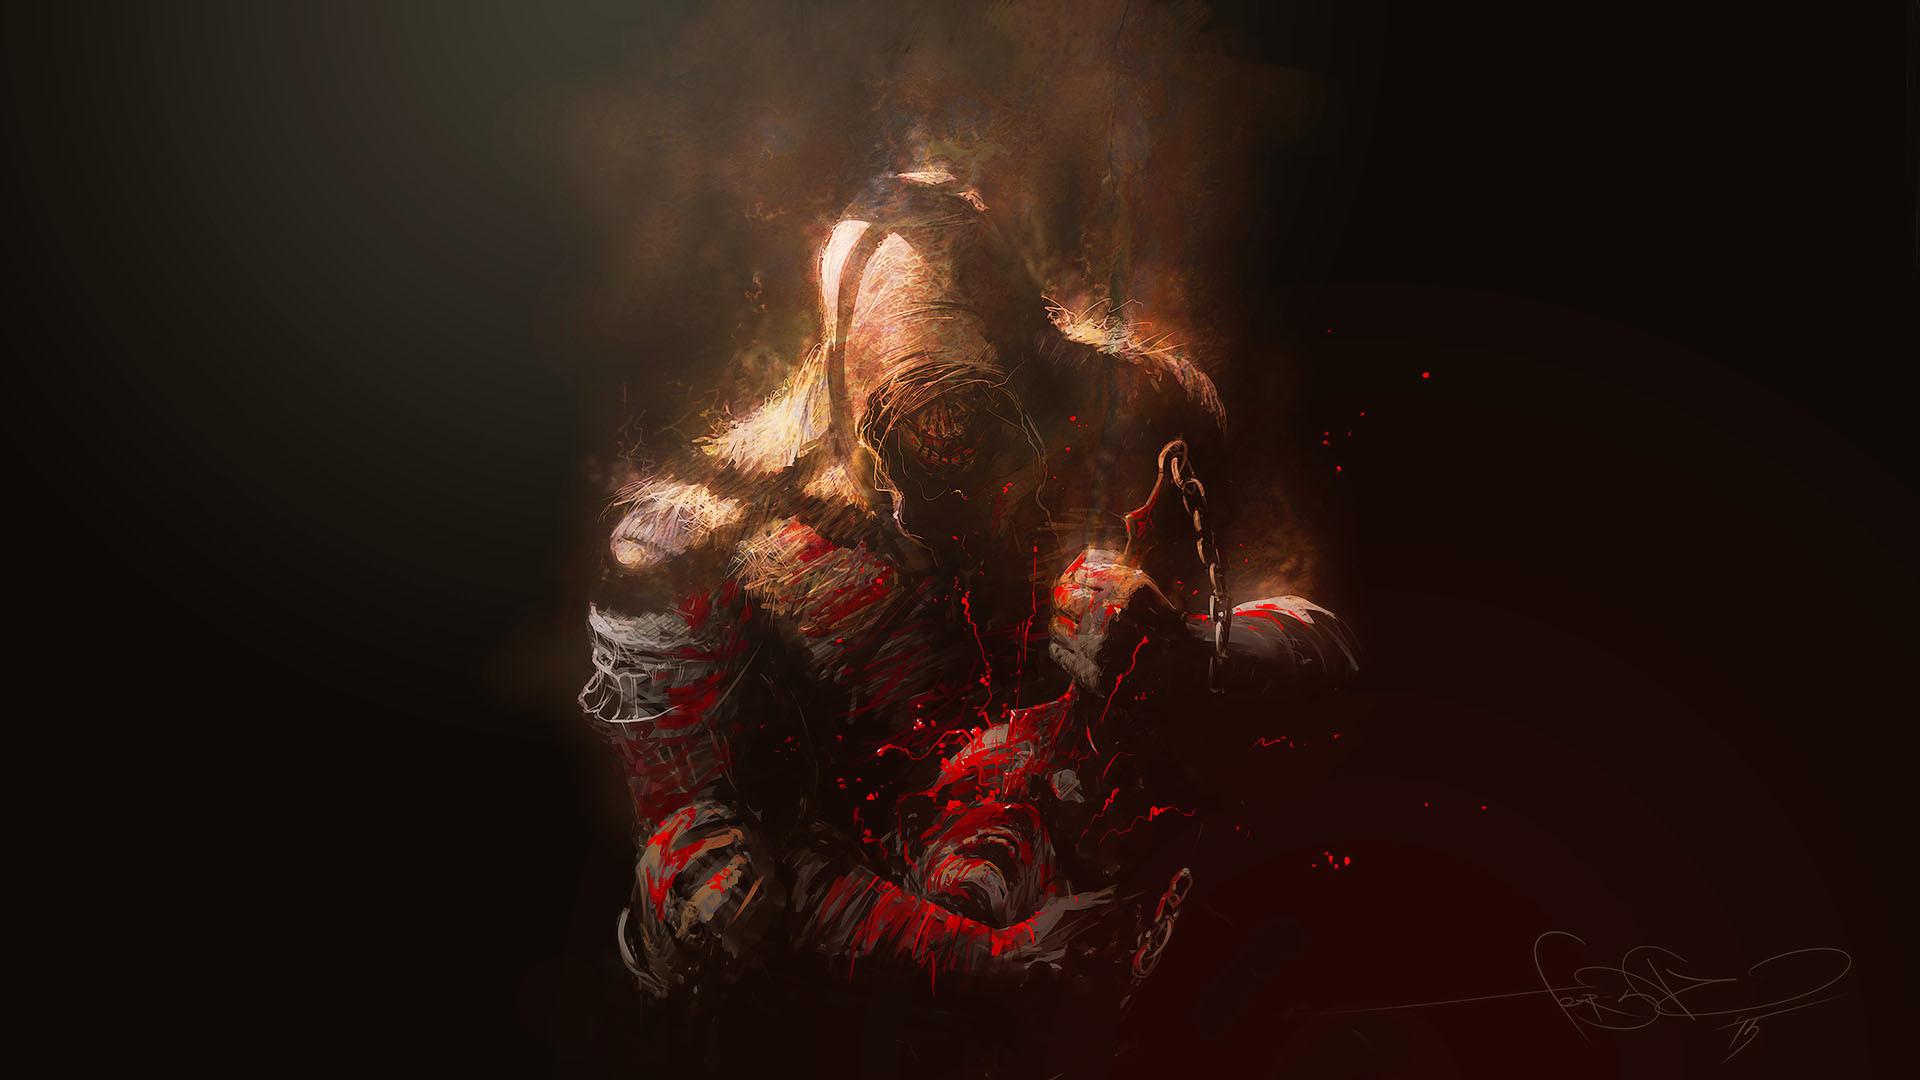 Scorpion Mortal Kombat hd wallpaper by danijelaveselinovic